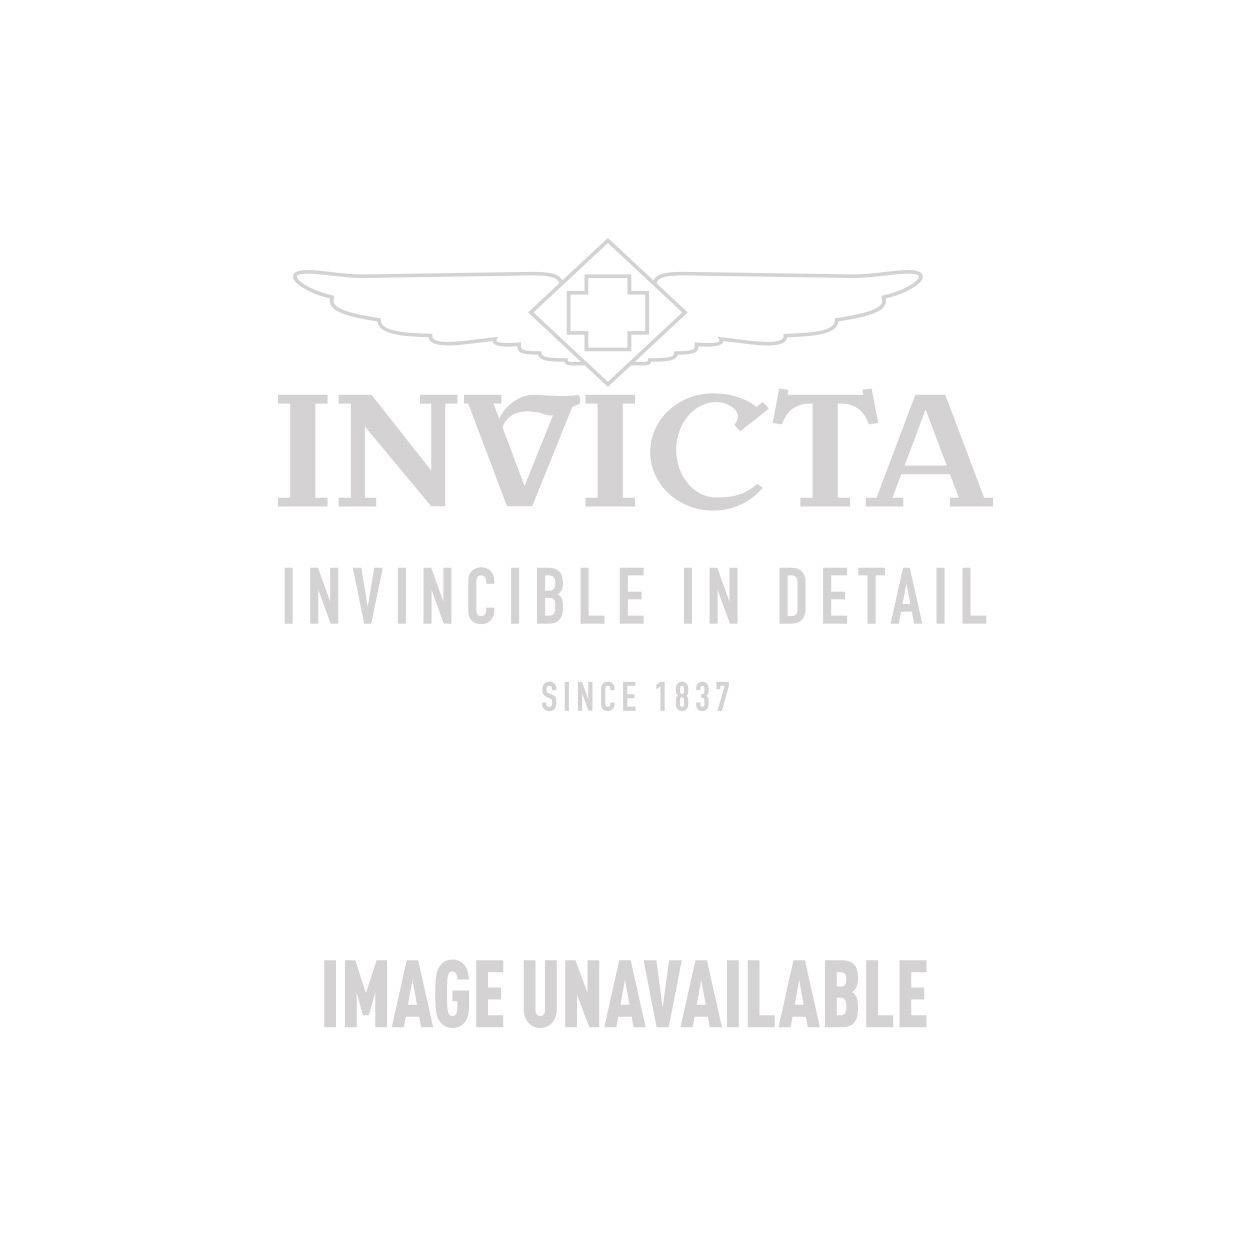 Invicta Model 23222